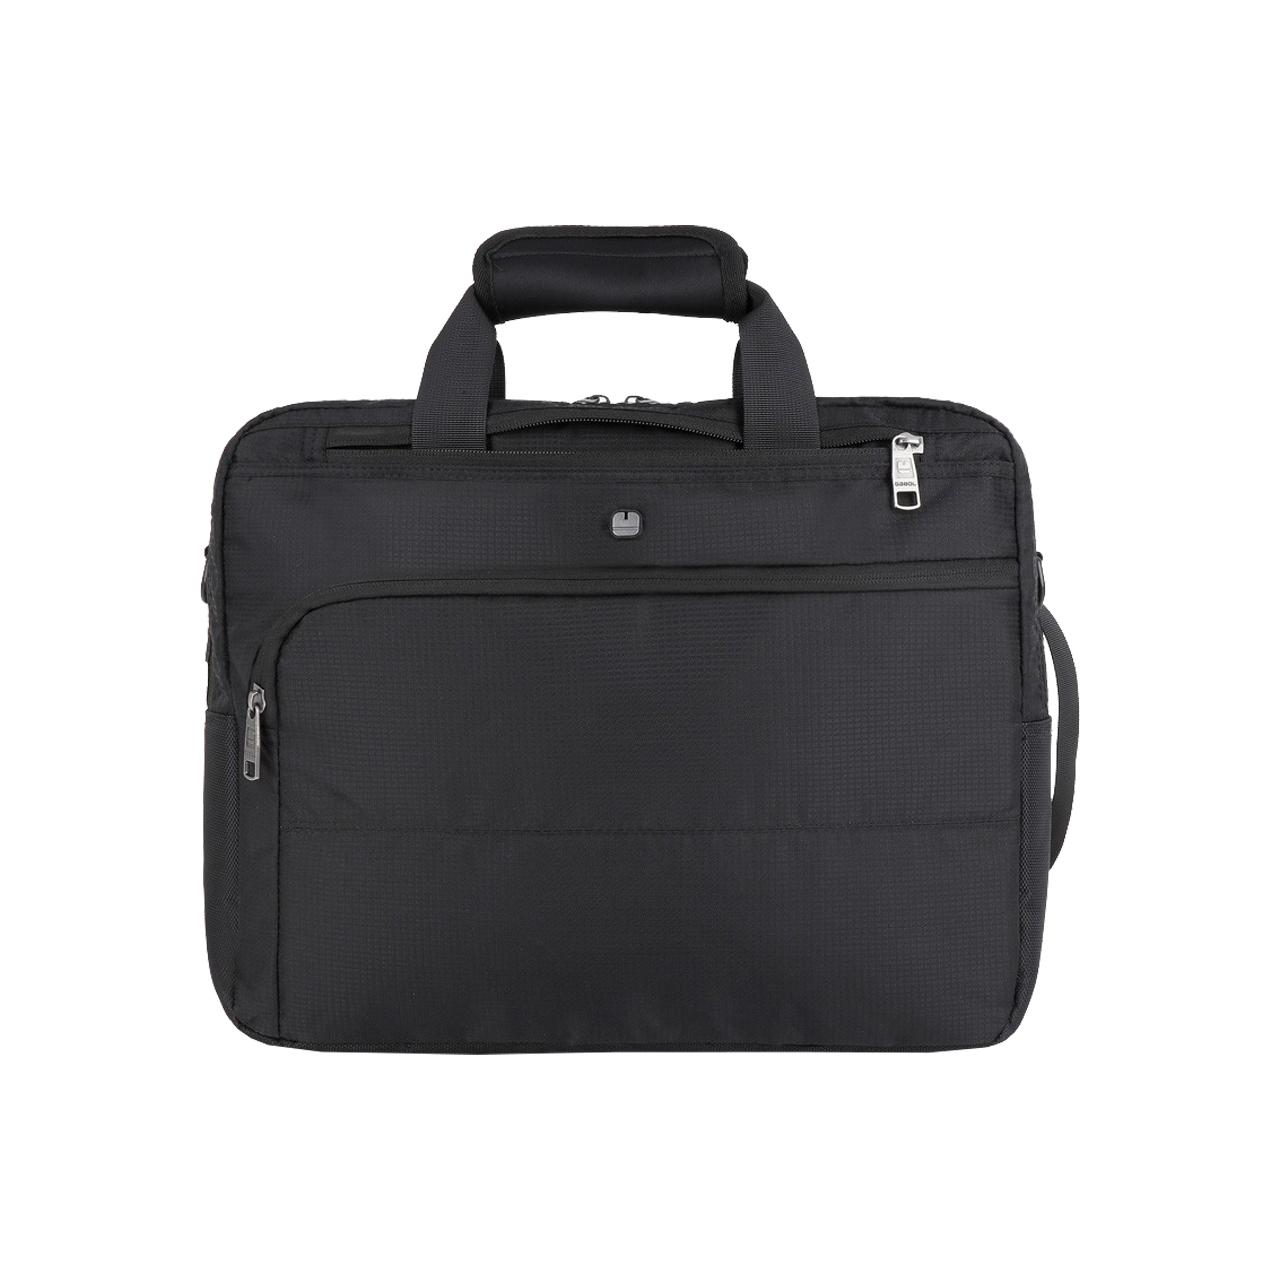 کیف لپ تاپ گابل مدل 410620 Dark مناسب برای لپ تاپ 15.6 اینچی